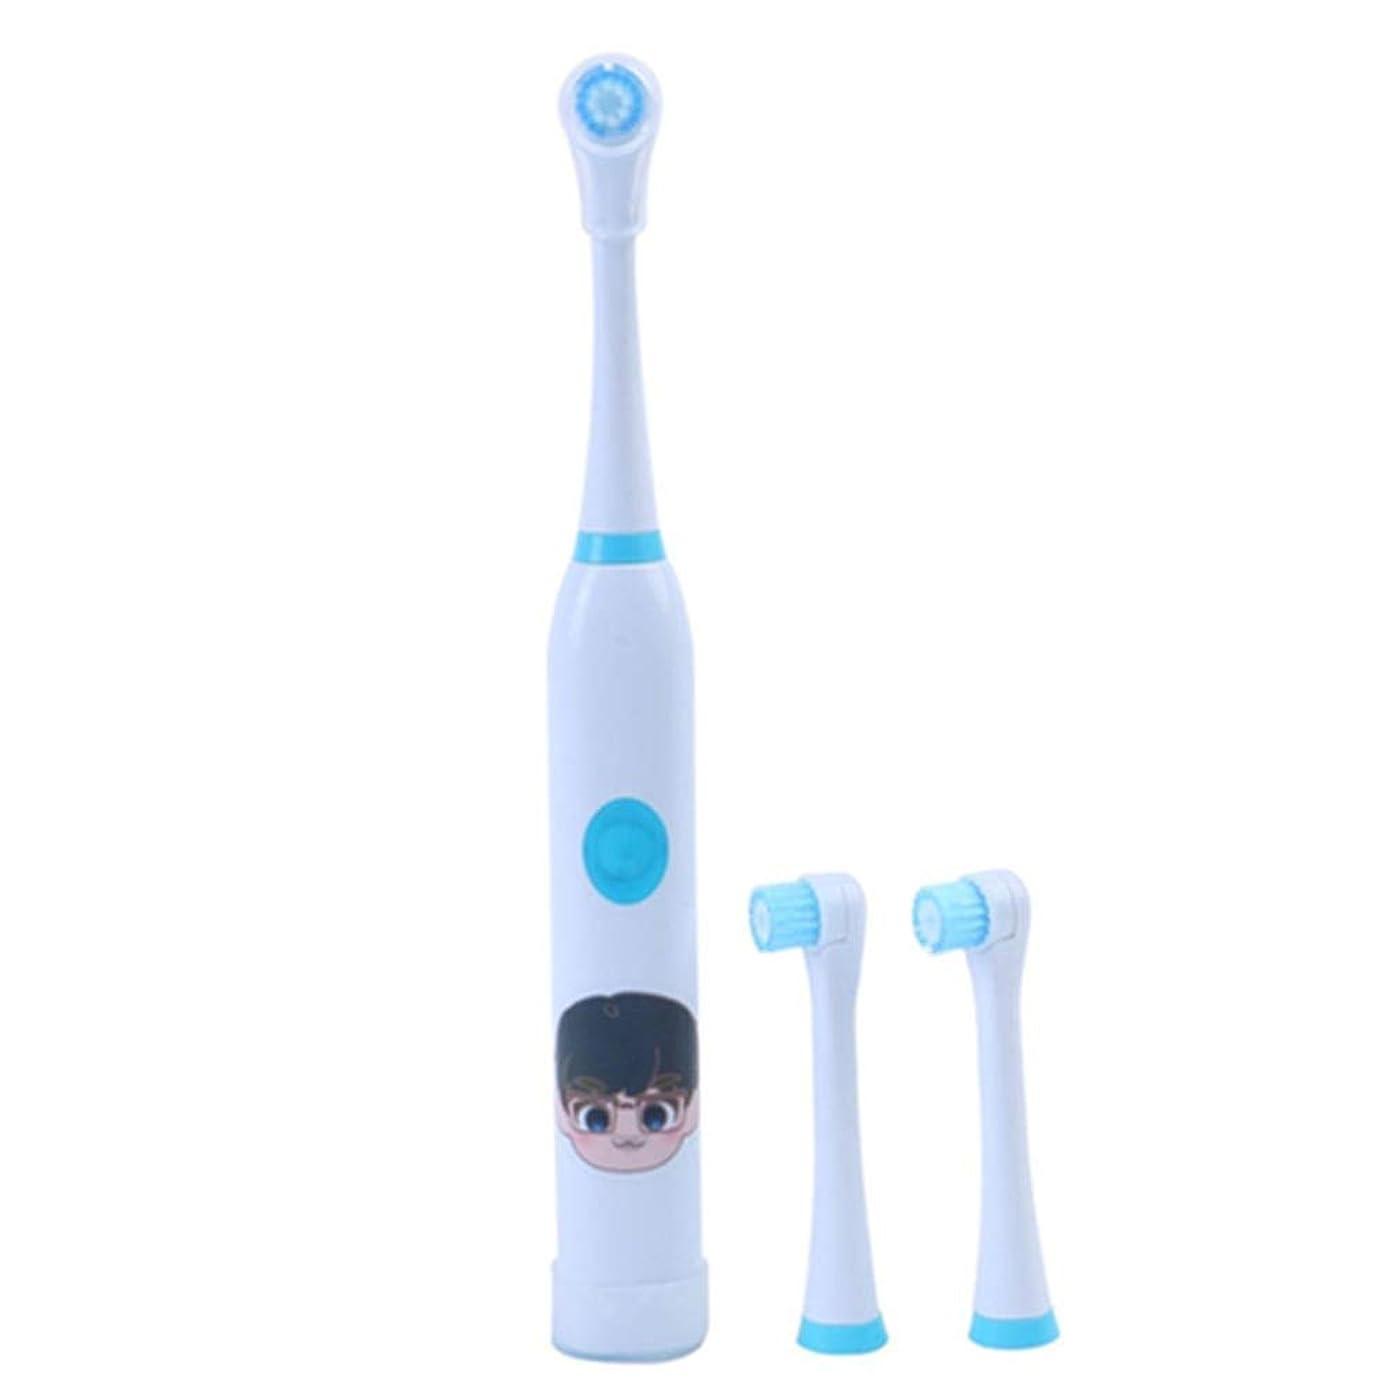 耐久性のある子供用電動歯ブラシUSB充電式ホワイトニング歯ブラシ歯科医推奨 完璧な旅の道連れ (色 : 青, サイズ : Free size)